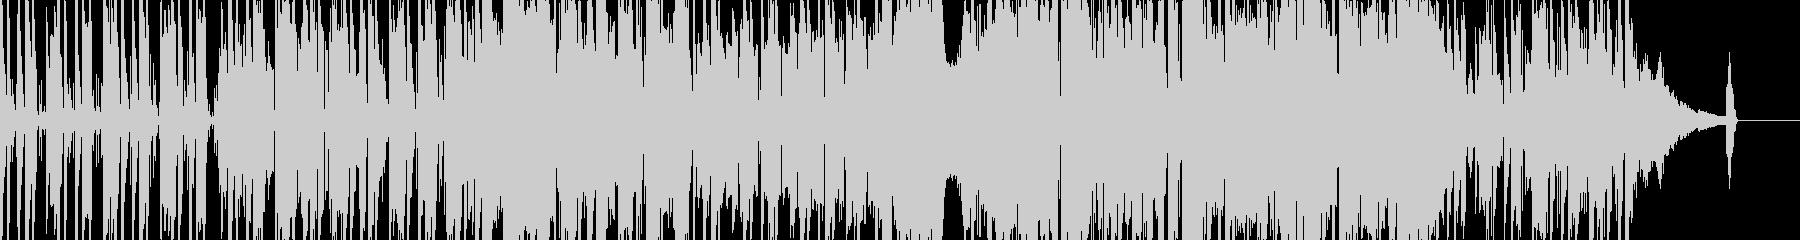 お洒落なフュージョンナンバーの未再生の波形